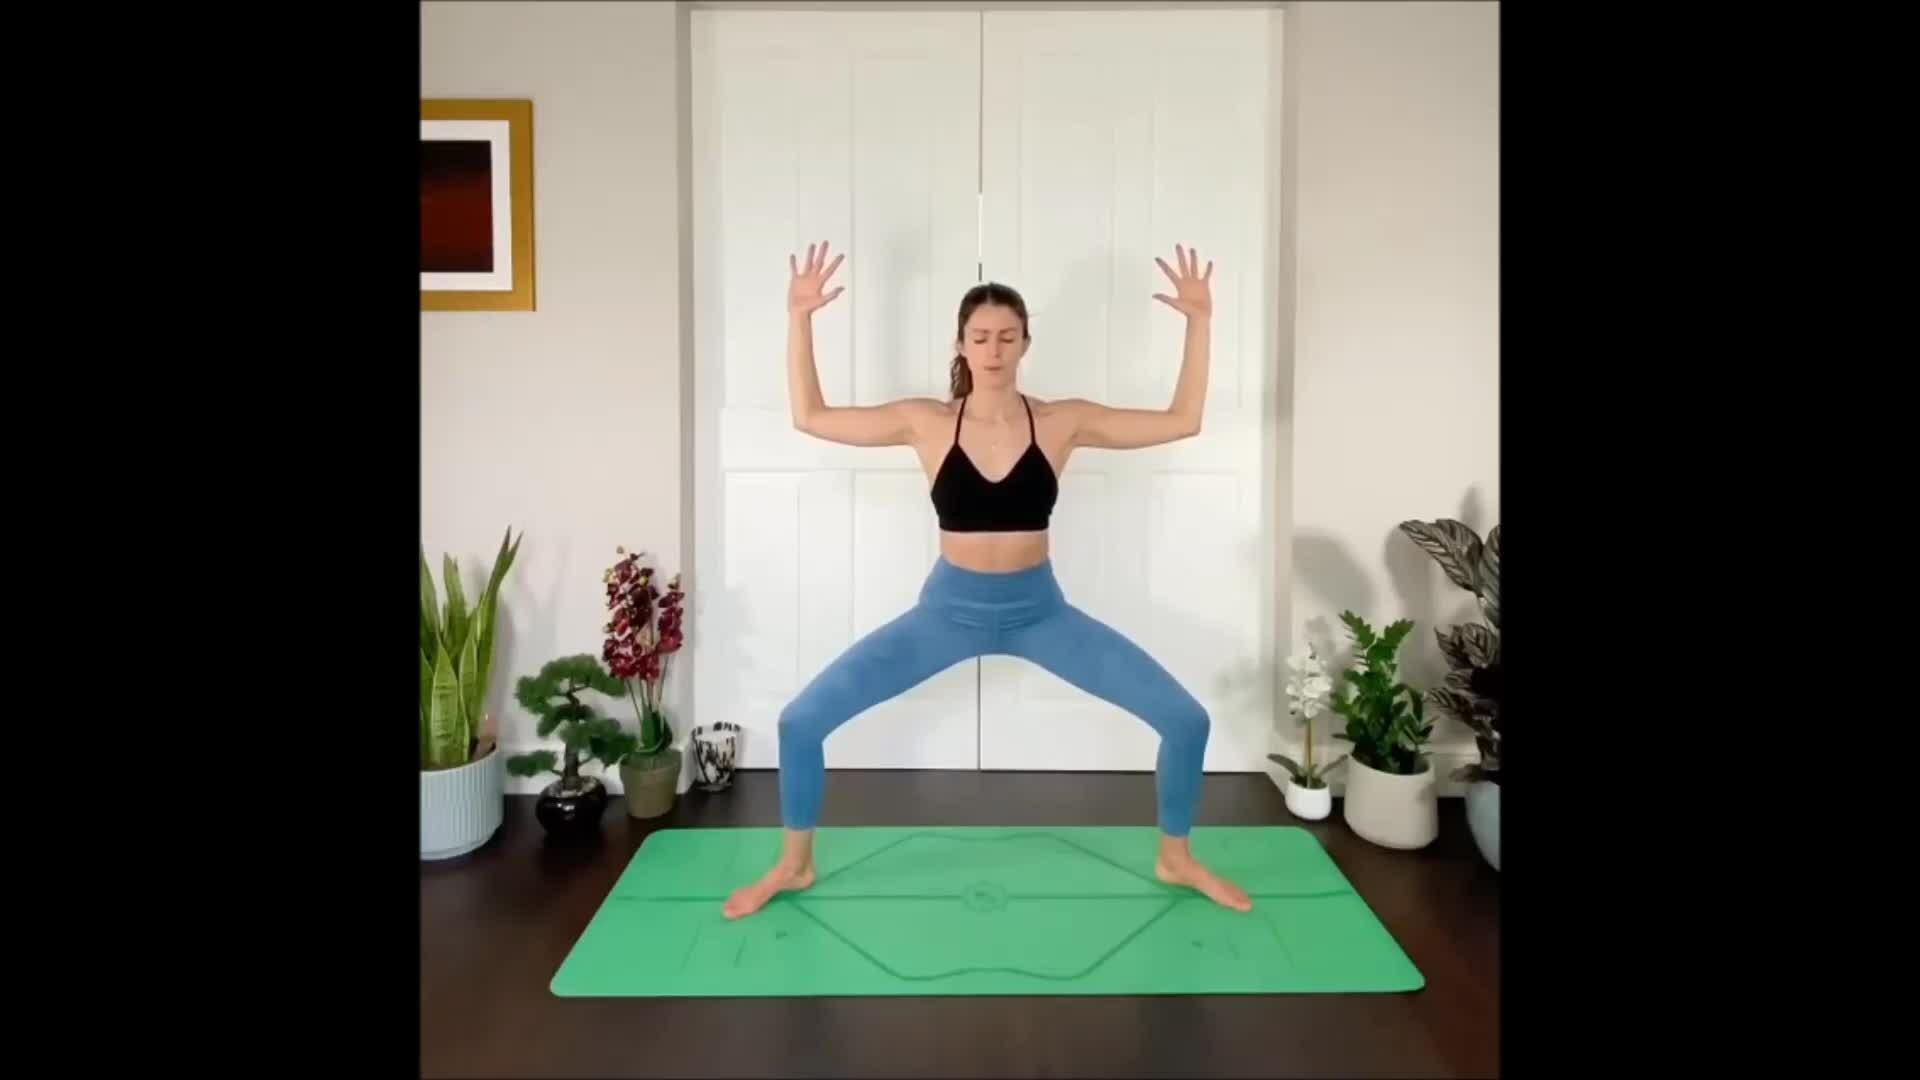 5 động tác giúp thân dưới chắc khỏe